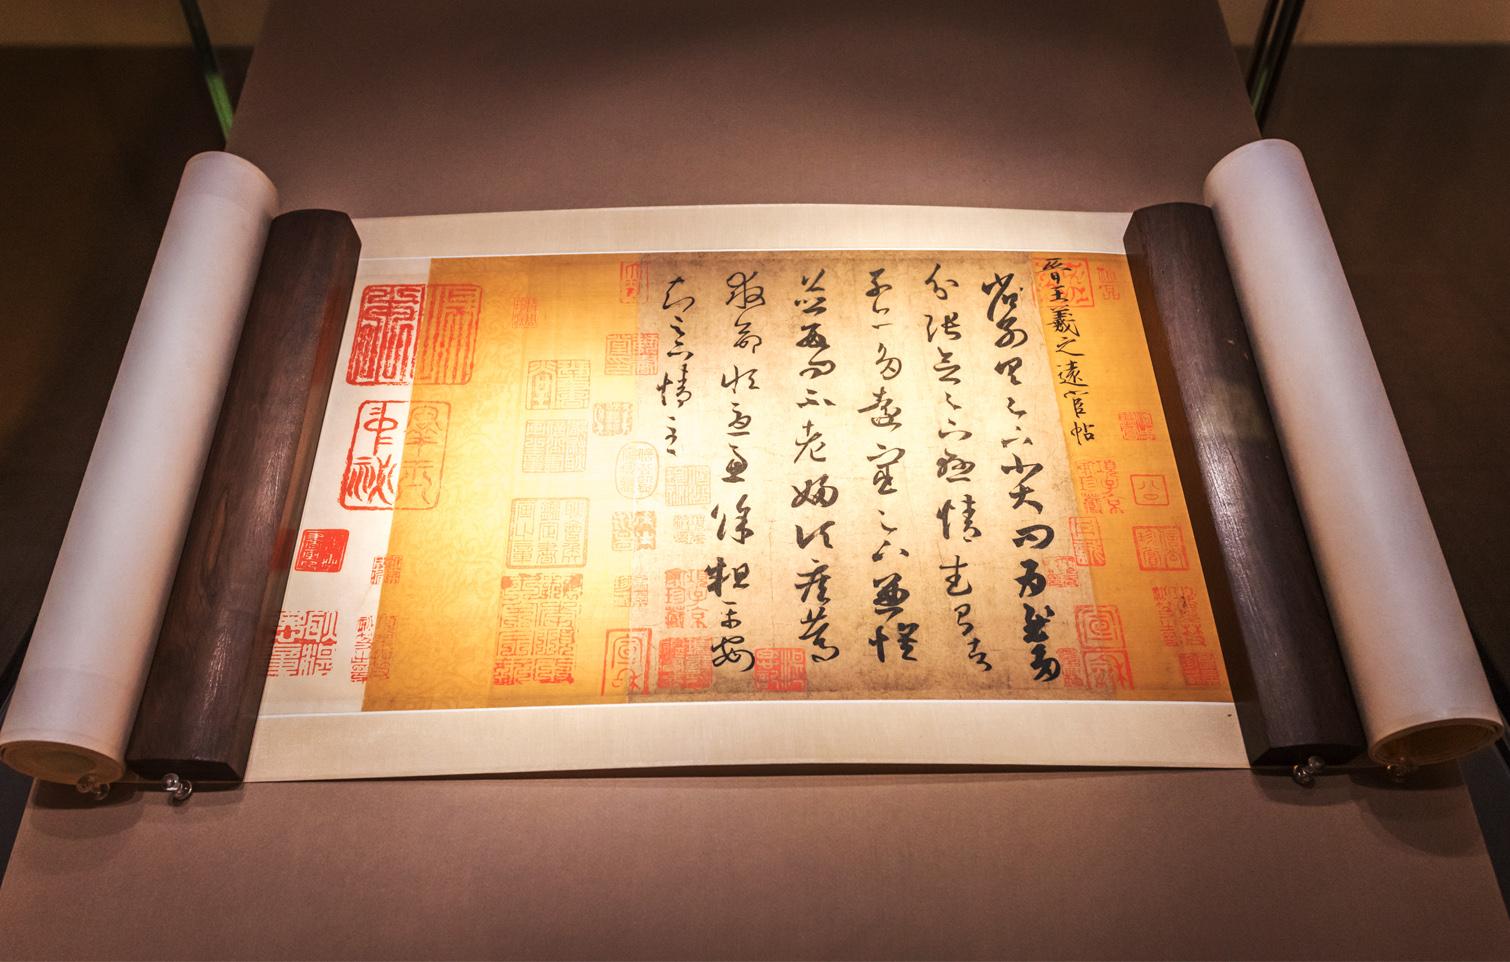 南京六朝博物馆王羲之书法作品《远宦帖》